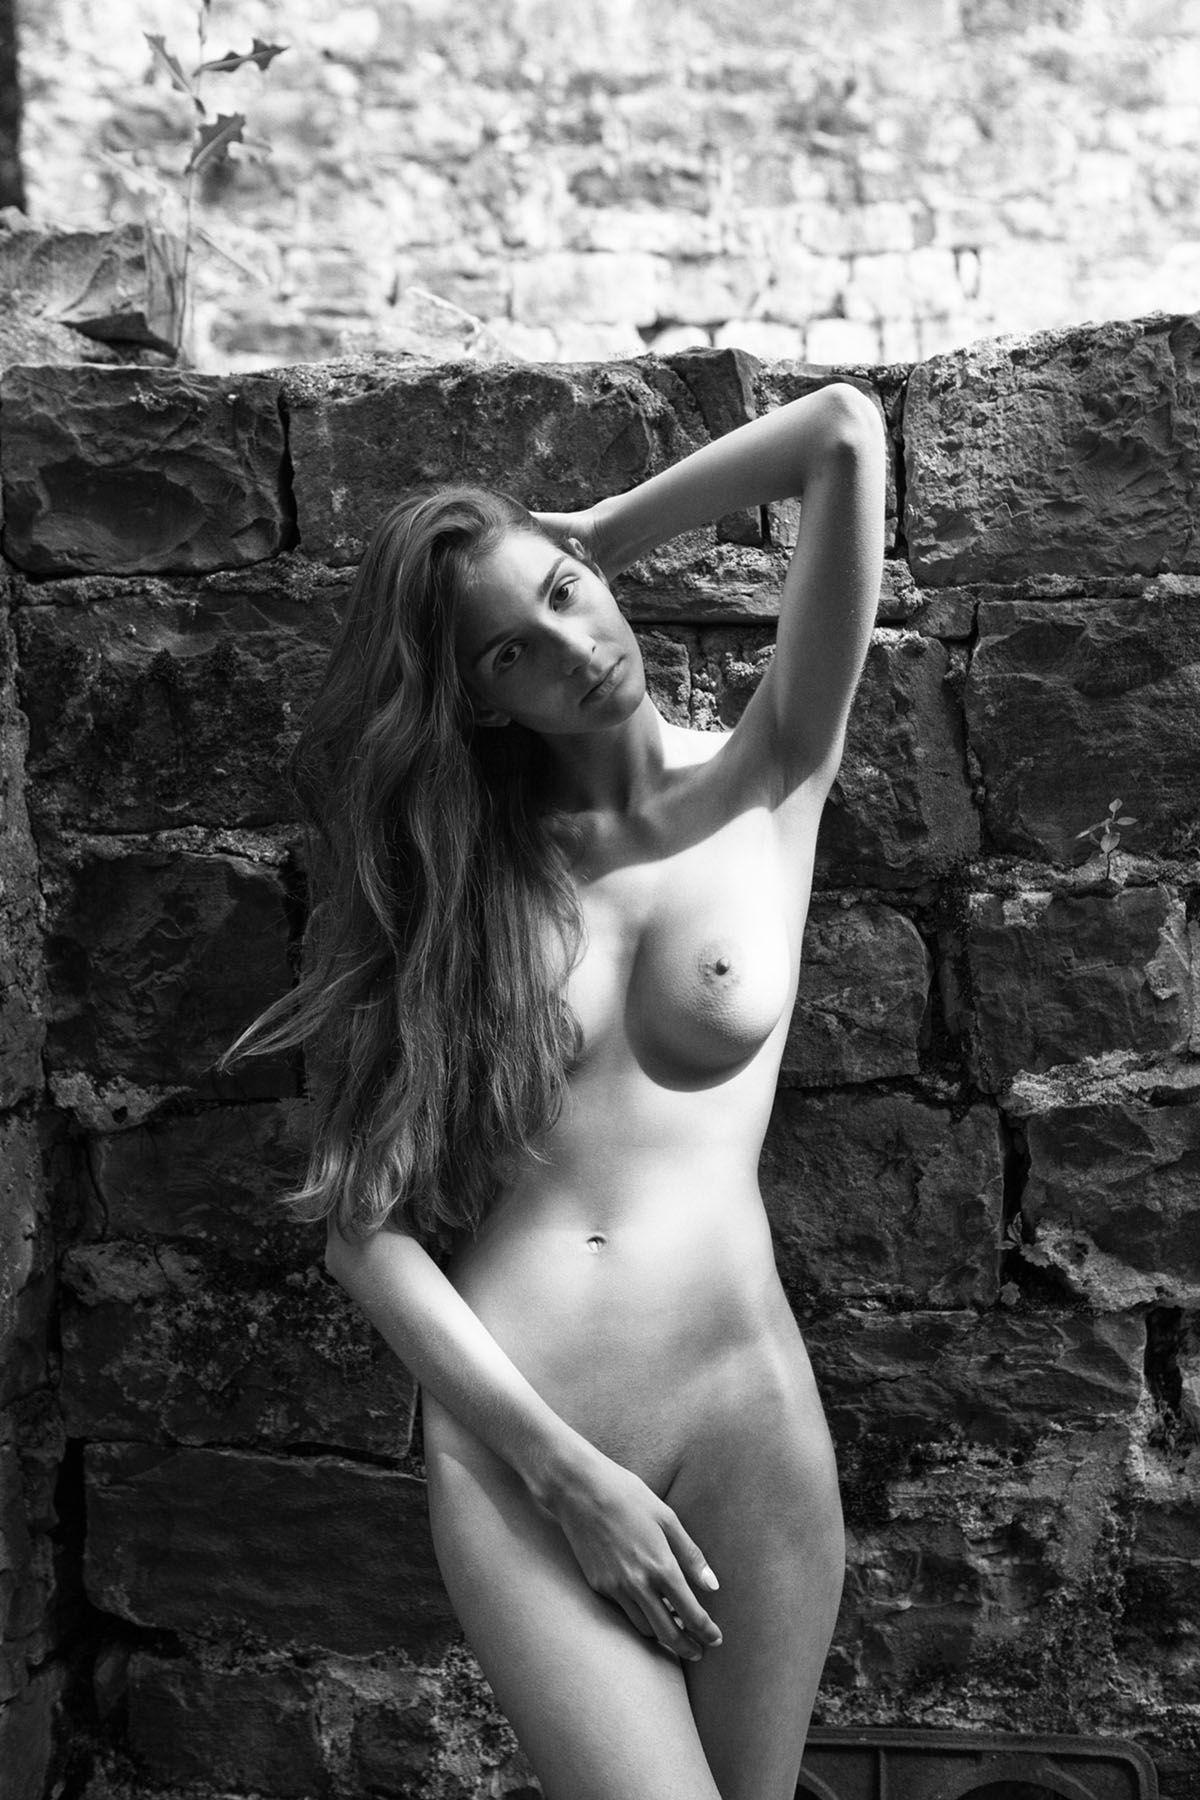 Lina-Lorenza-Nude-5